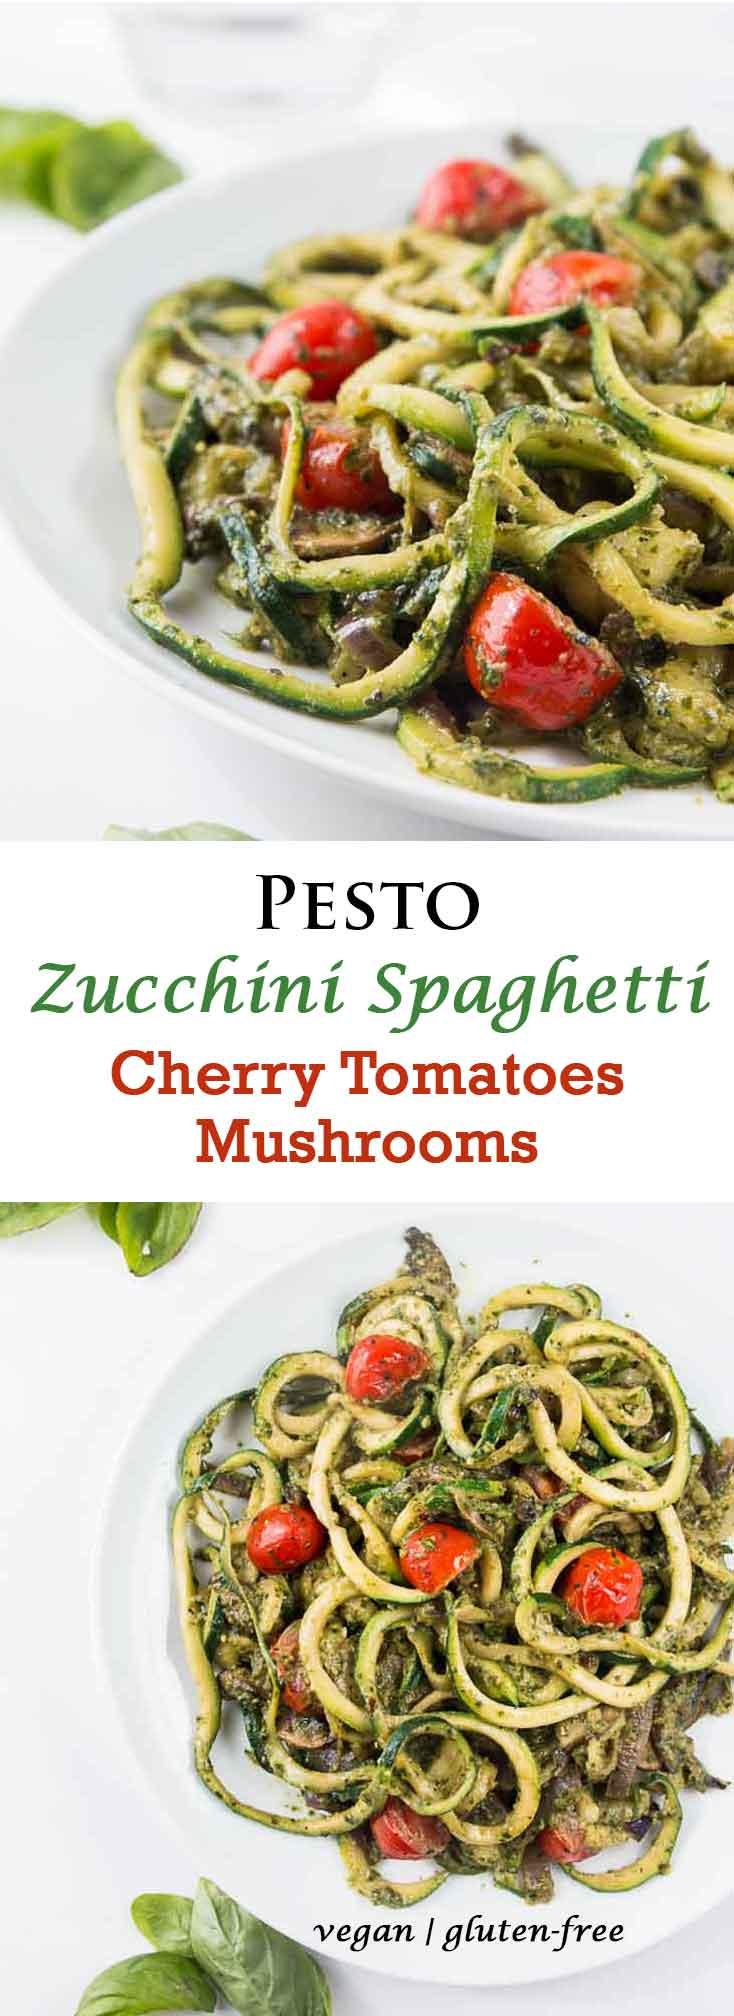 Pesto Zucchini Spaghetti Recipe with Cherry Tomatoes & Mushrooms #vegan #glutenfree   Vegetarian Gastronomy   www.Vegetariangastronomy.com